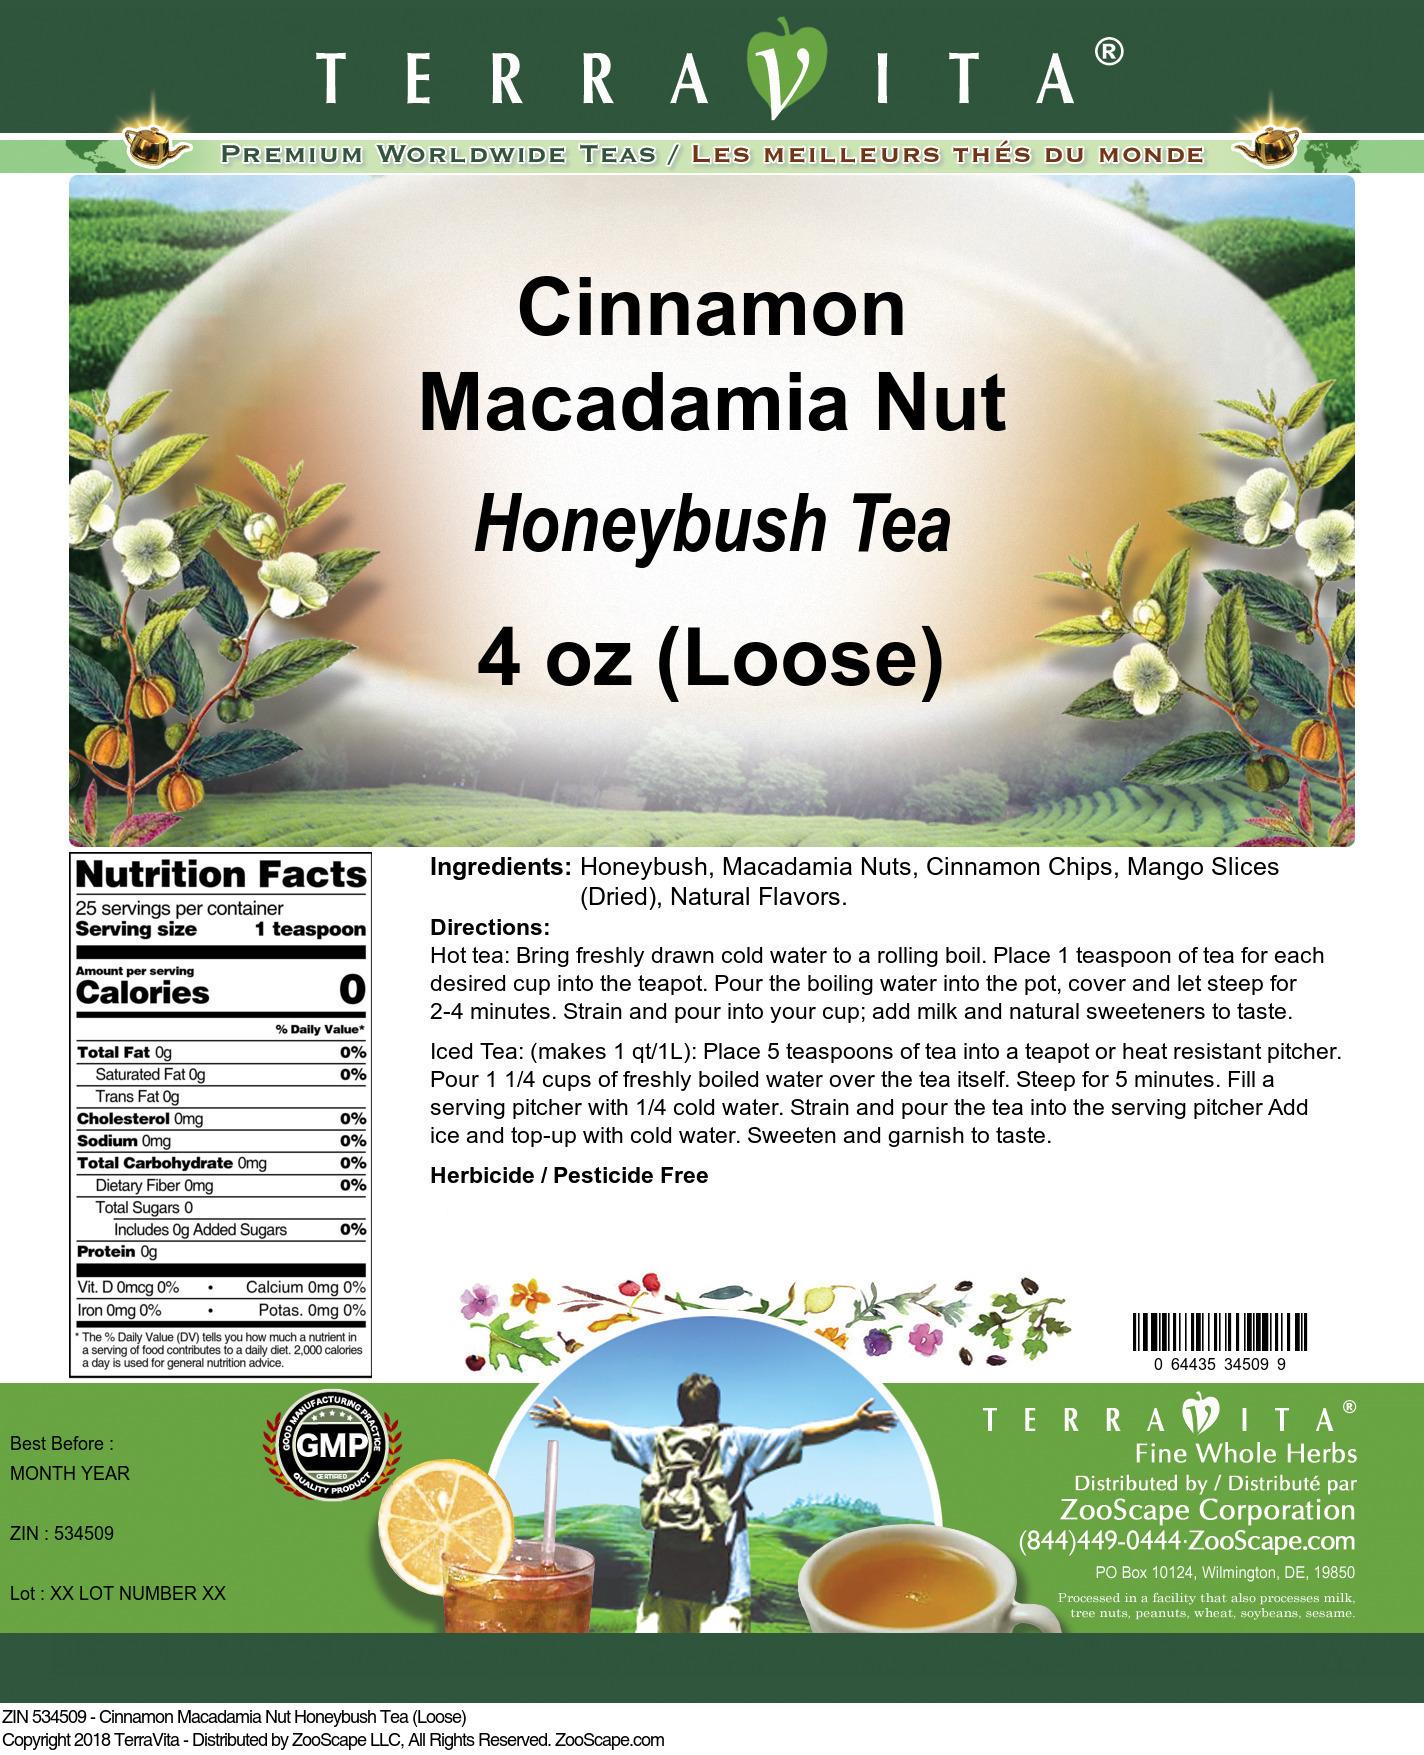 Cinnamon Macadamia Nut Honeybush Tea (Loose)